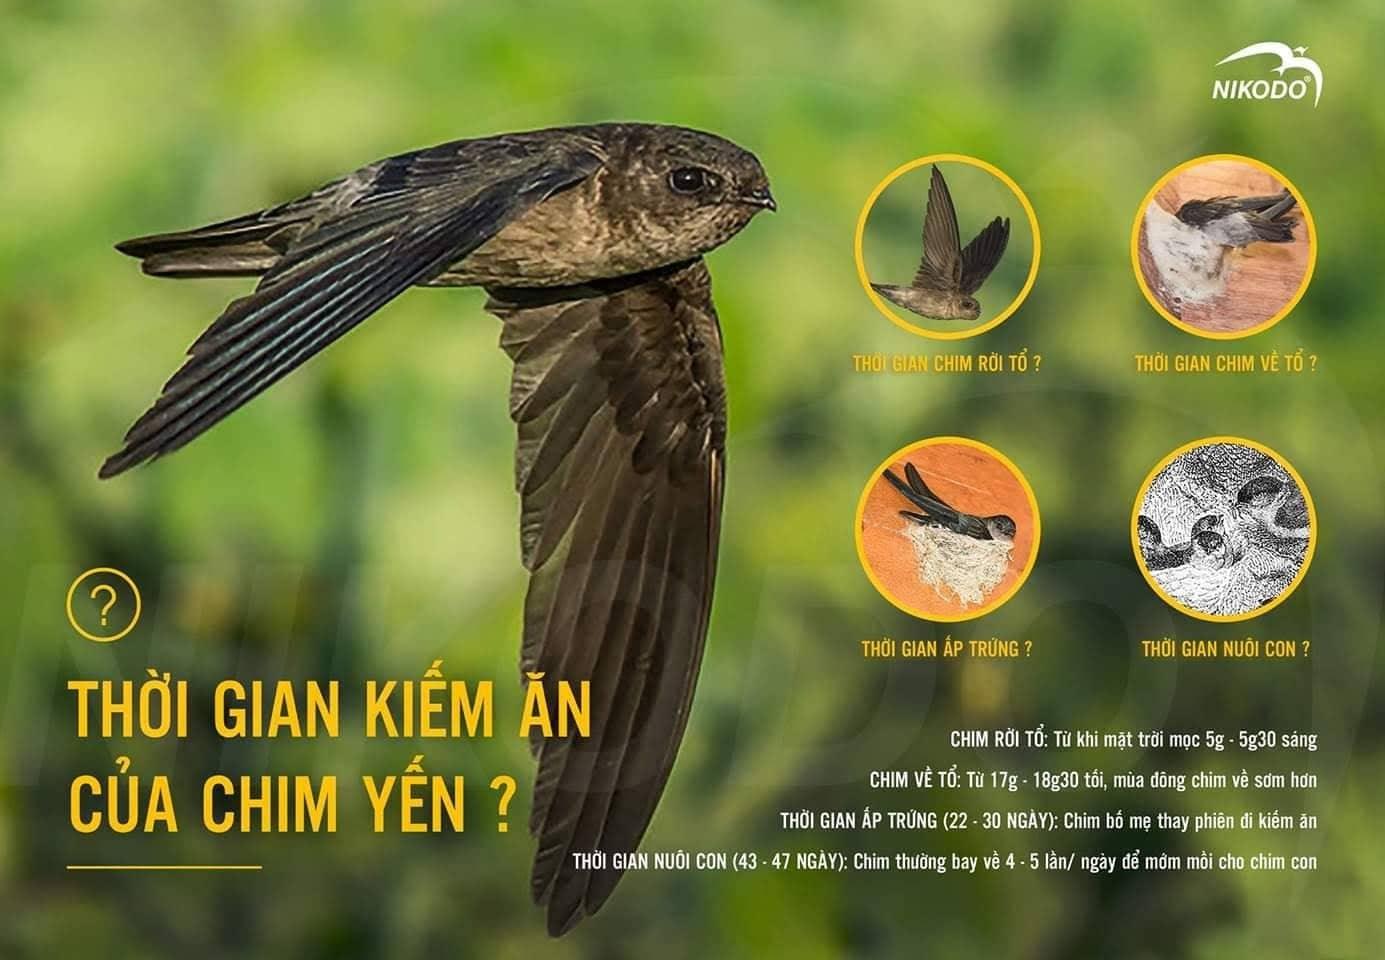 Thời gian kiếm ăn của chim yến